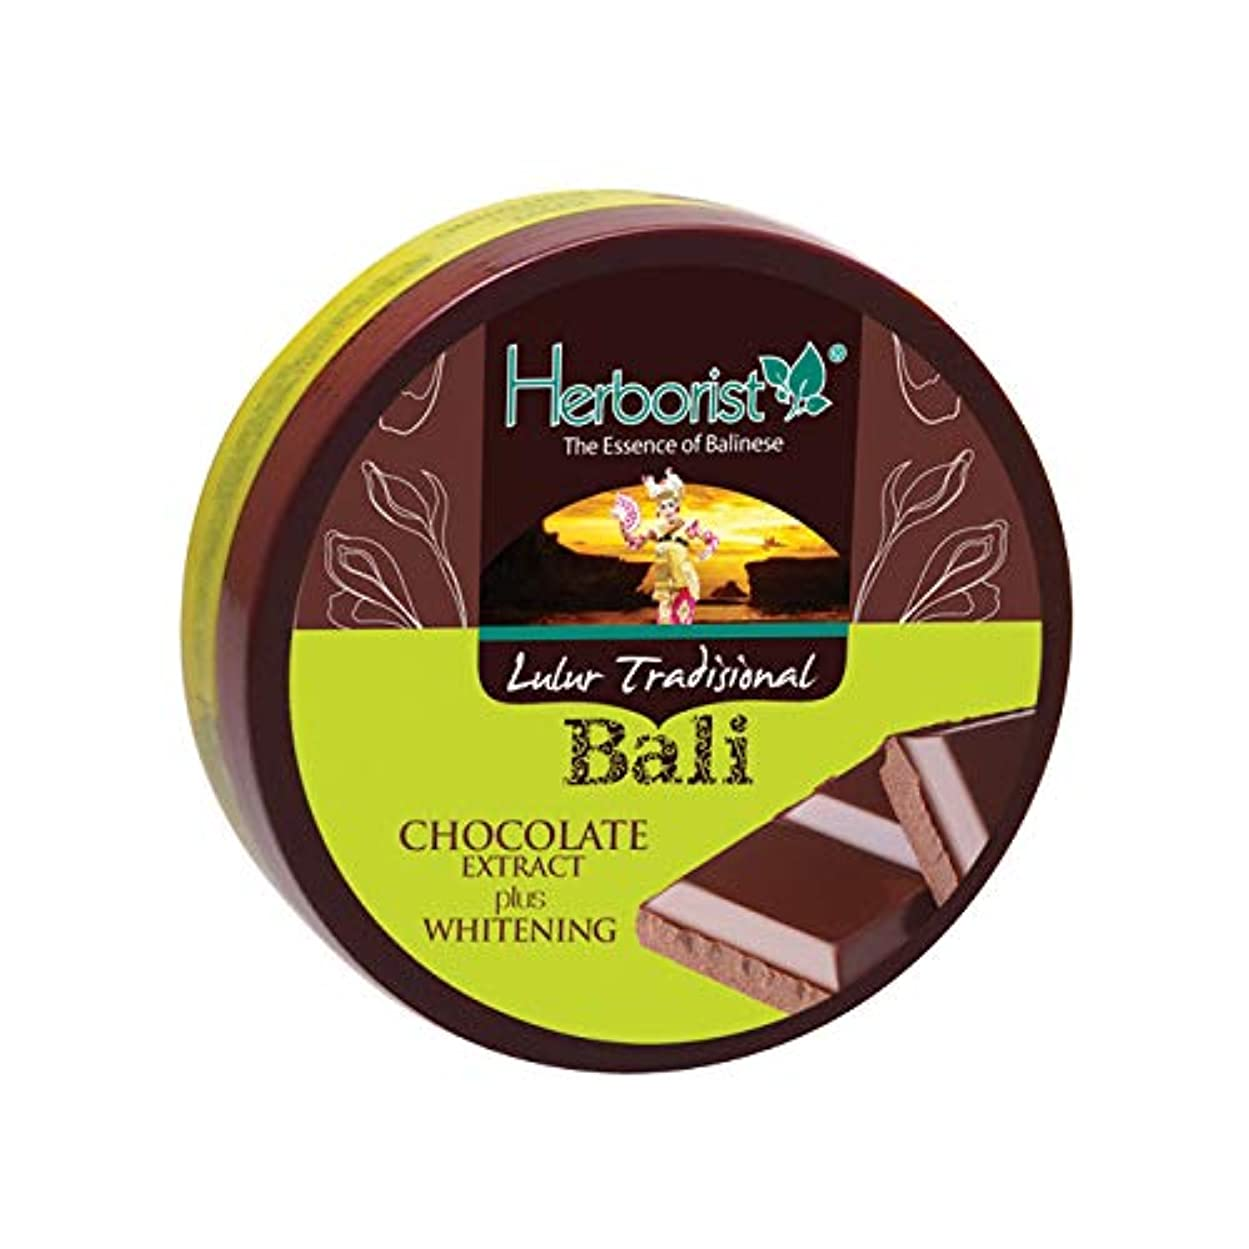 予知神学校めったにHerborist ハーボリスト インドネシアバリ島の伝統的なボディスクラブ Lulur Tradisional Bali ルルールトラディショナルバリ 100g Chocolate チョコレート [海外直送品]